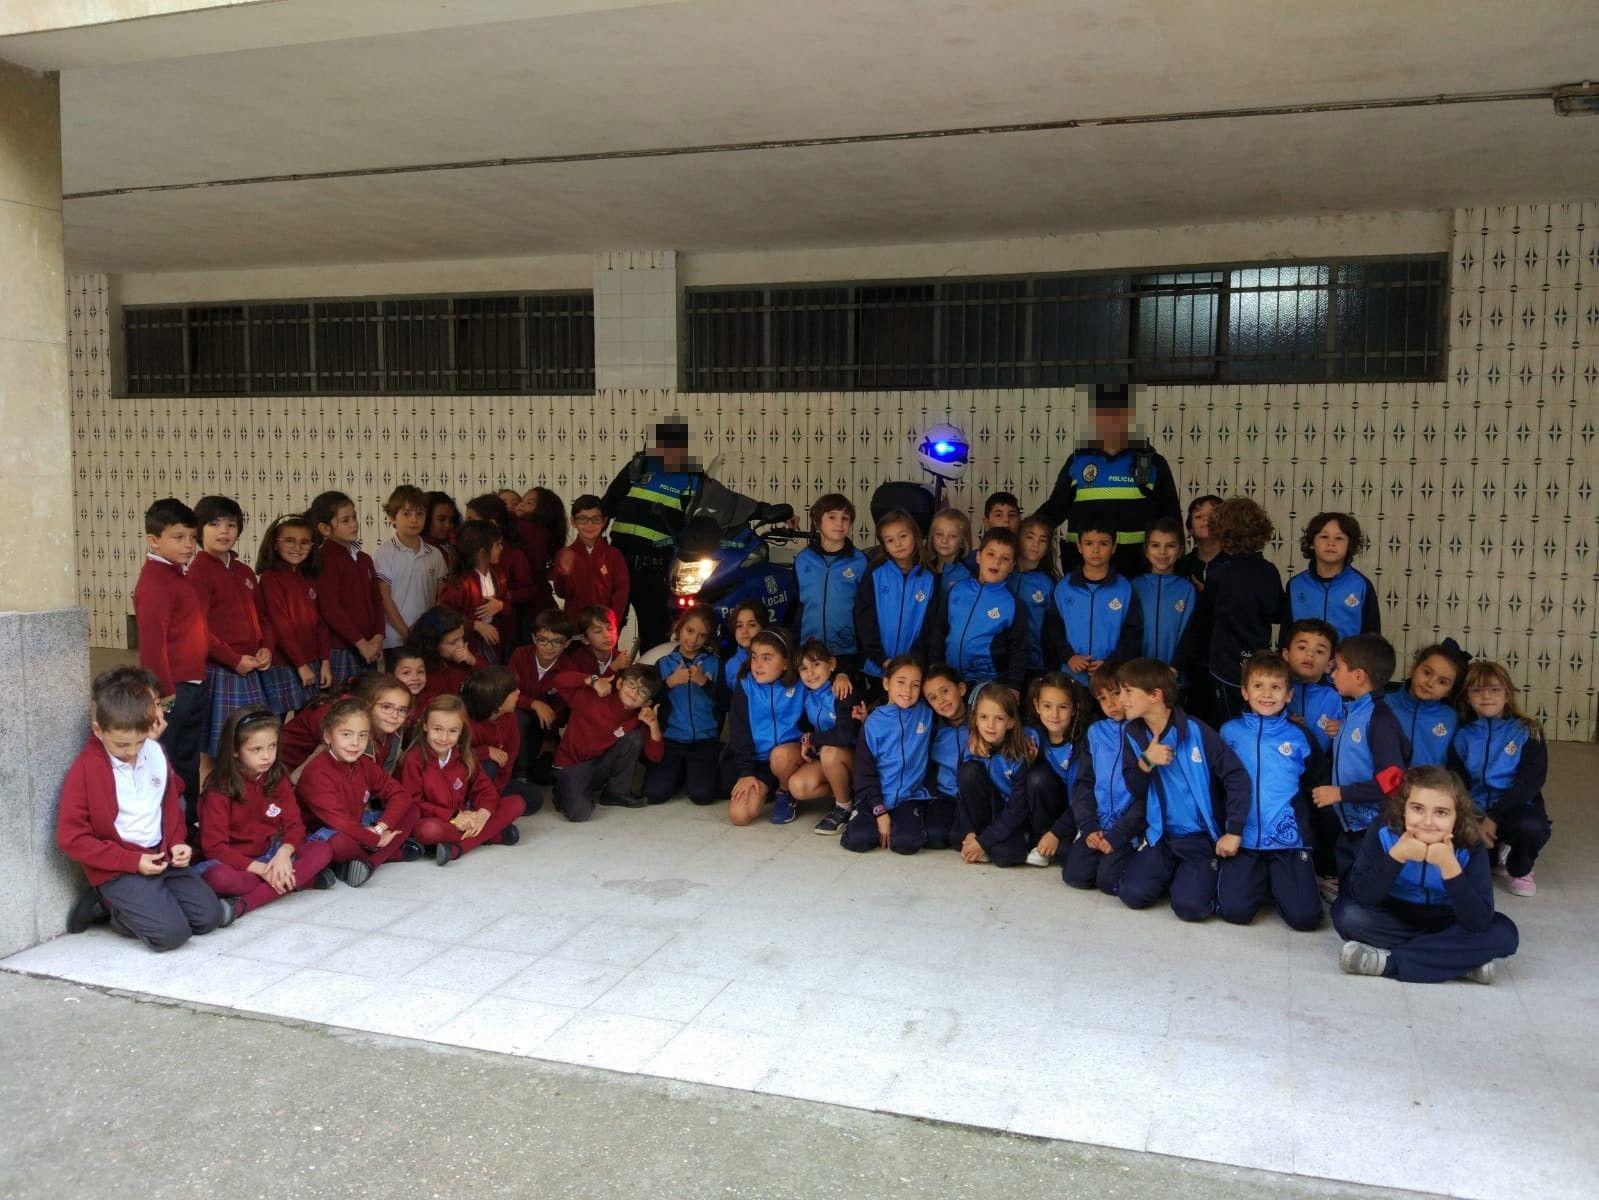 Colegio San Juan Bosco Visita Policiu0301a Local (1) (1)